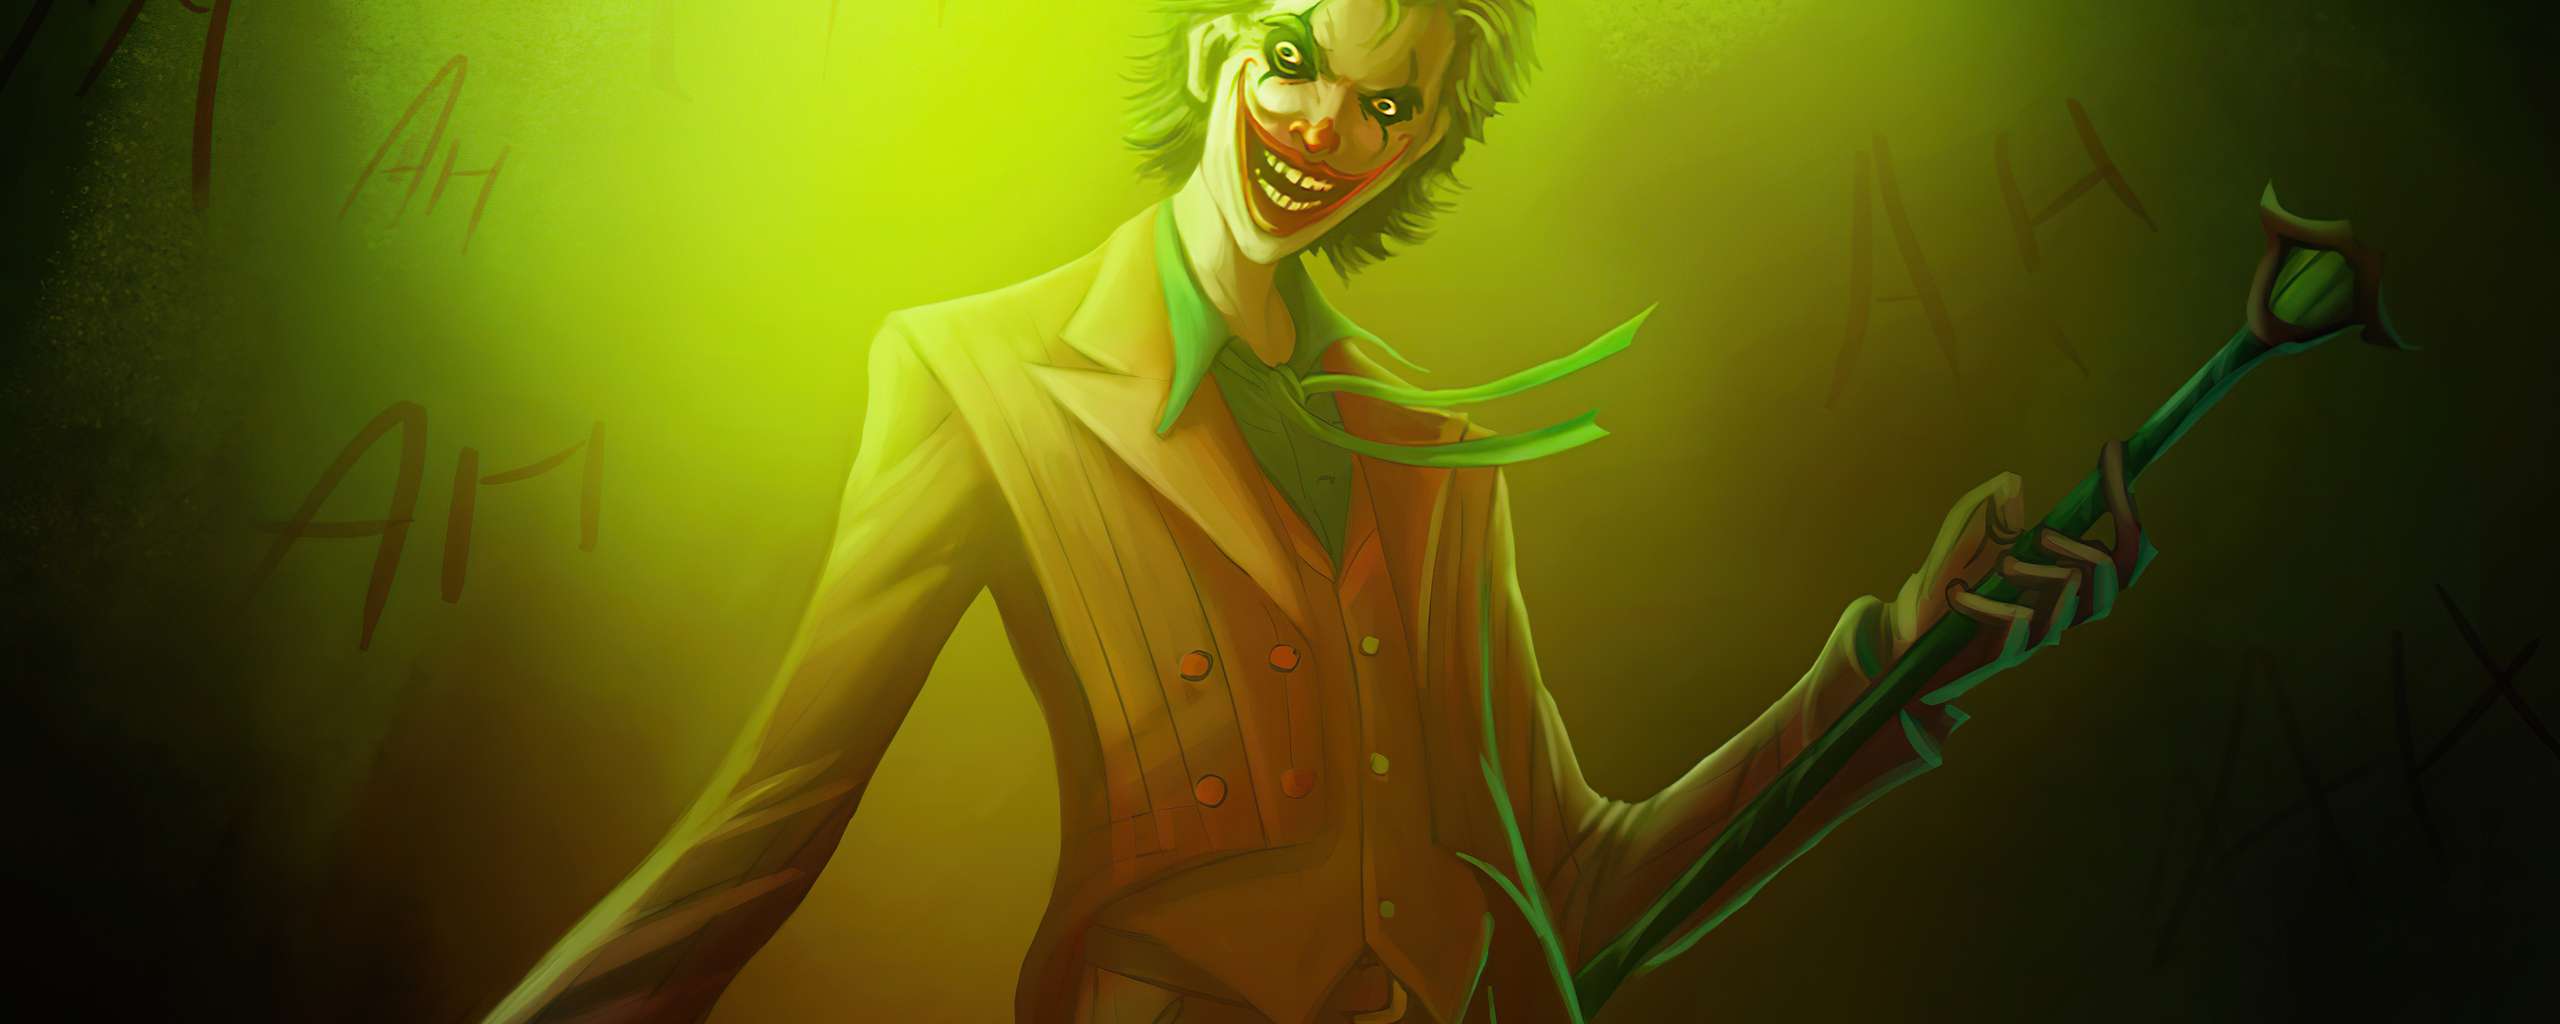 joker-graphic-cover-art-wz.jpg